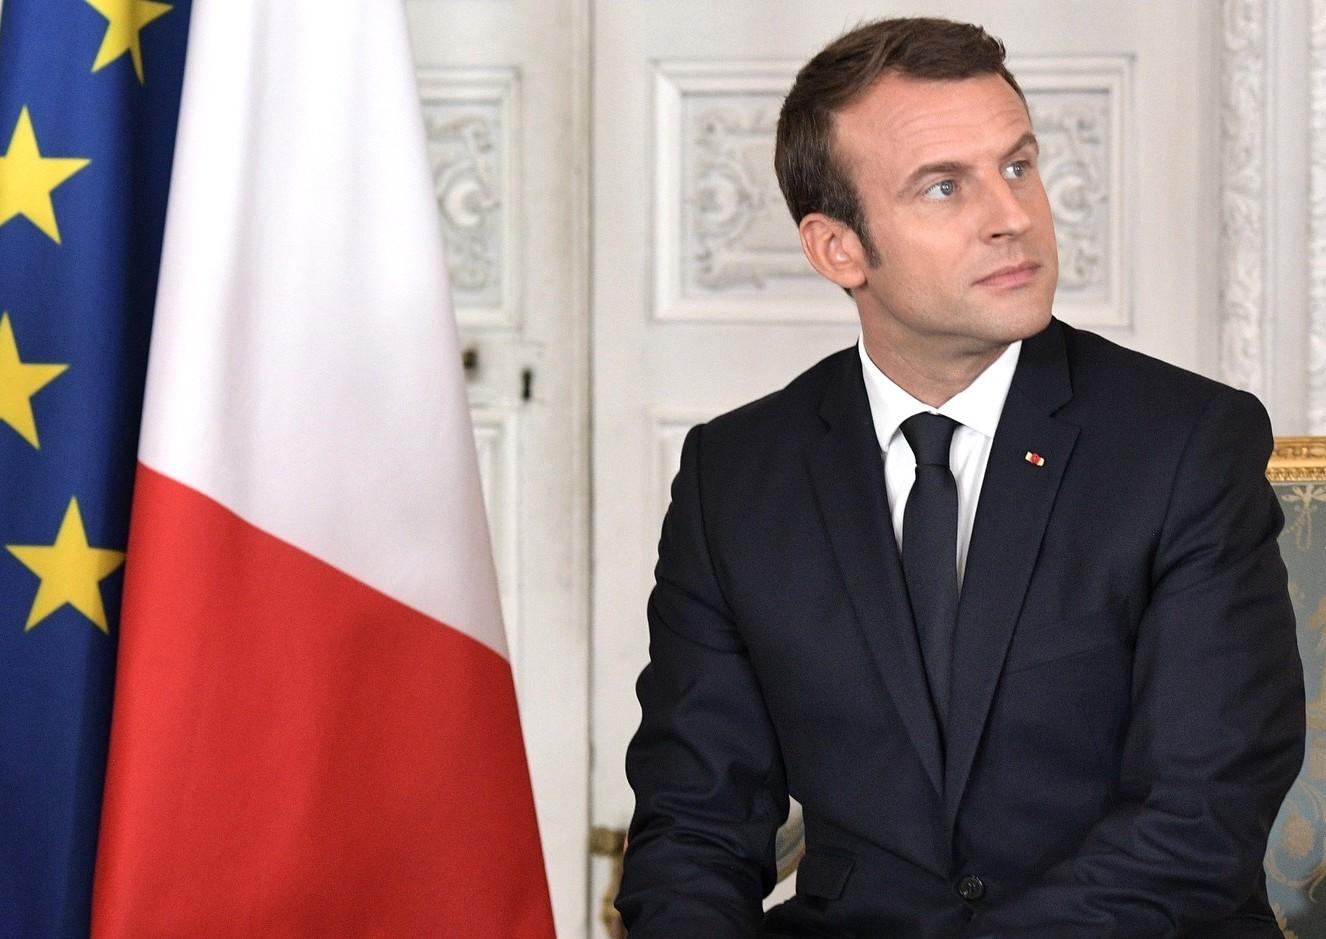 Francouzský prezident Emmanuel Macron dnes obvinil brazilského kolegu Jaira Bolsonara, že v červnu na summitu G20 v Japonsku lhal ohledně ekologických závazků, a odmítl ratifikaci dohody o volném obchodu mezi EU a skupinou jihoamerických zemí Mercosur.